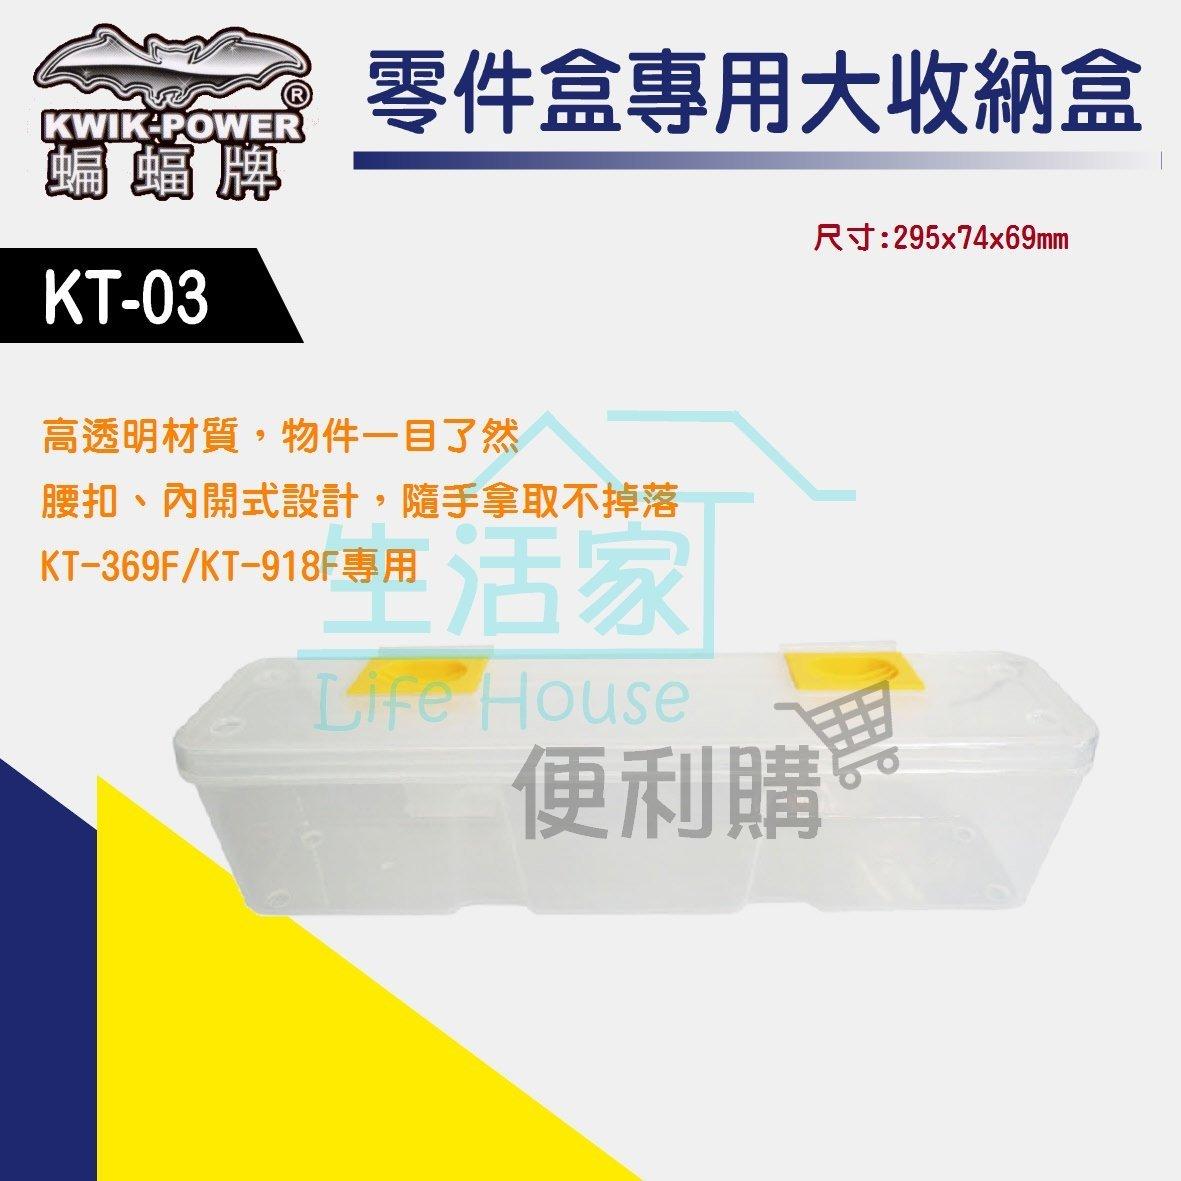 【 家便利購】《附發票》蝙蝠牌 KT-03 零件盒 大收納盒 內盒 KT-369F KT-918F